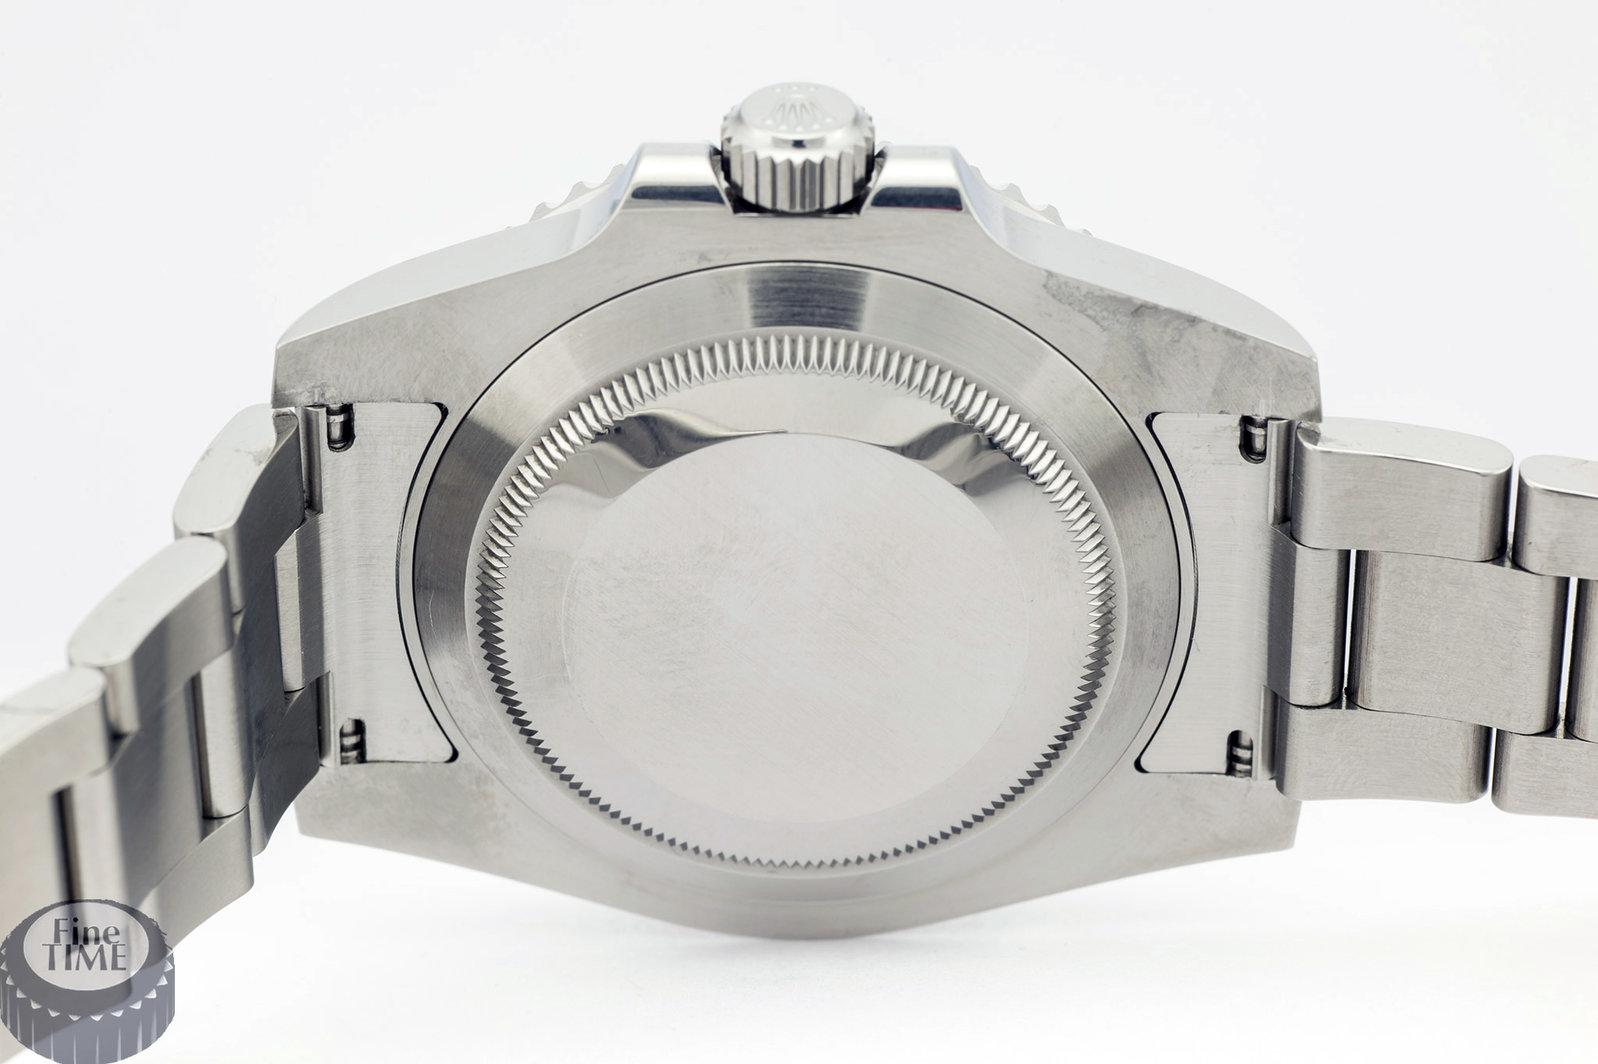 rolex-submariner-116610-ln-6y3-02.jpg